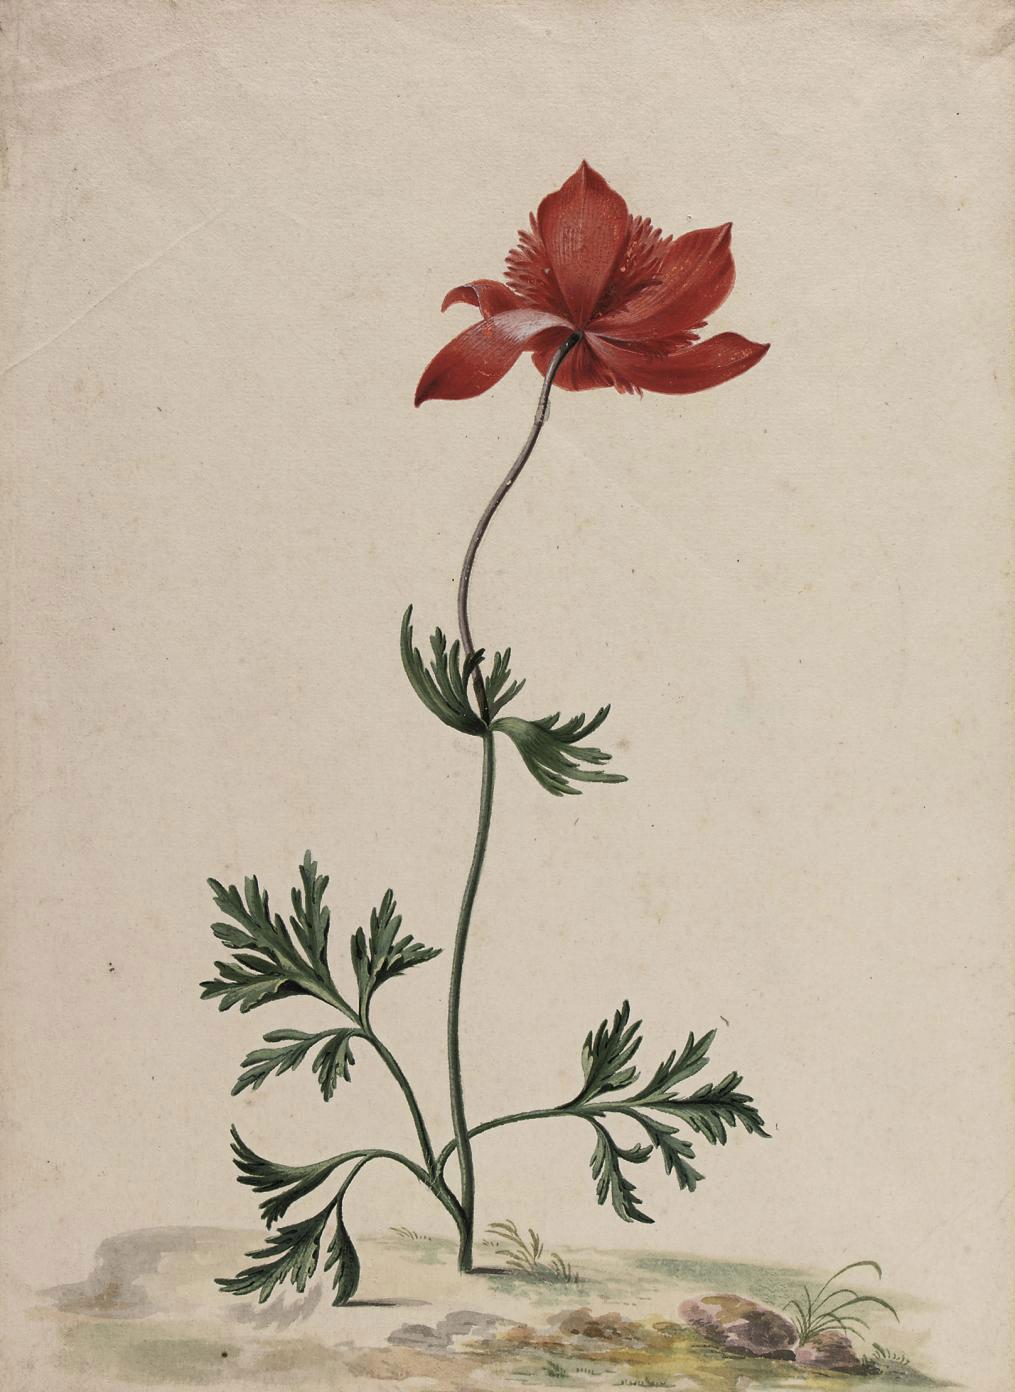 A Poppy anemone